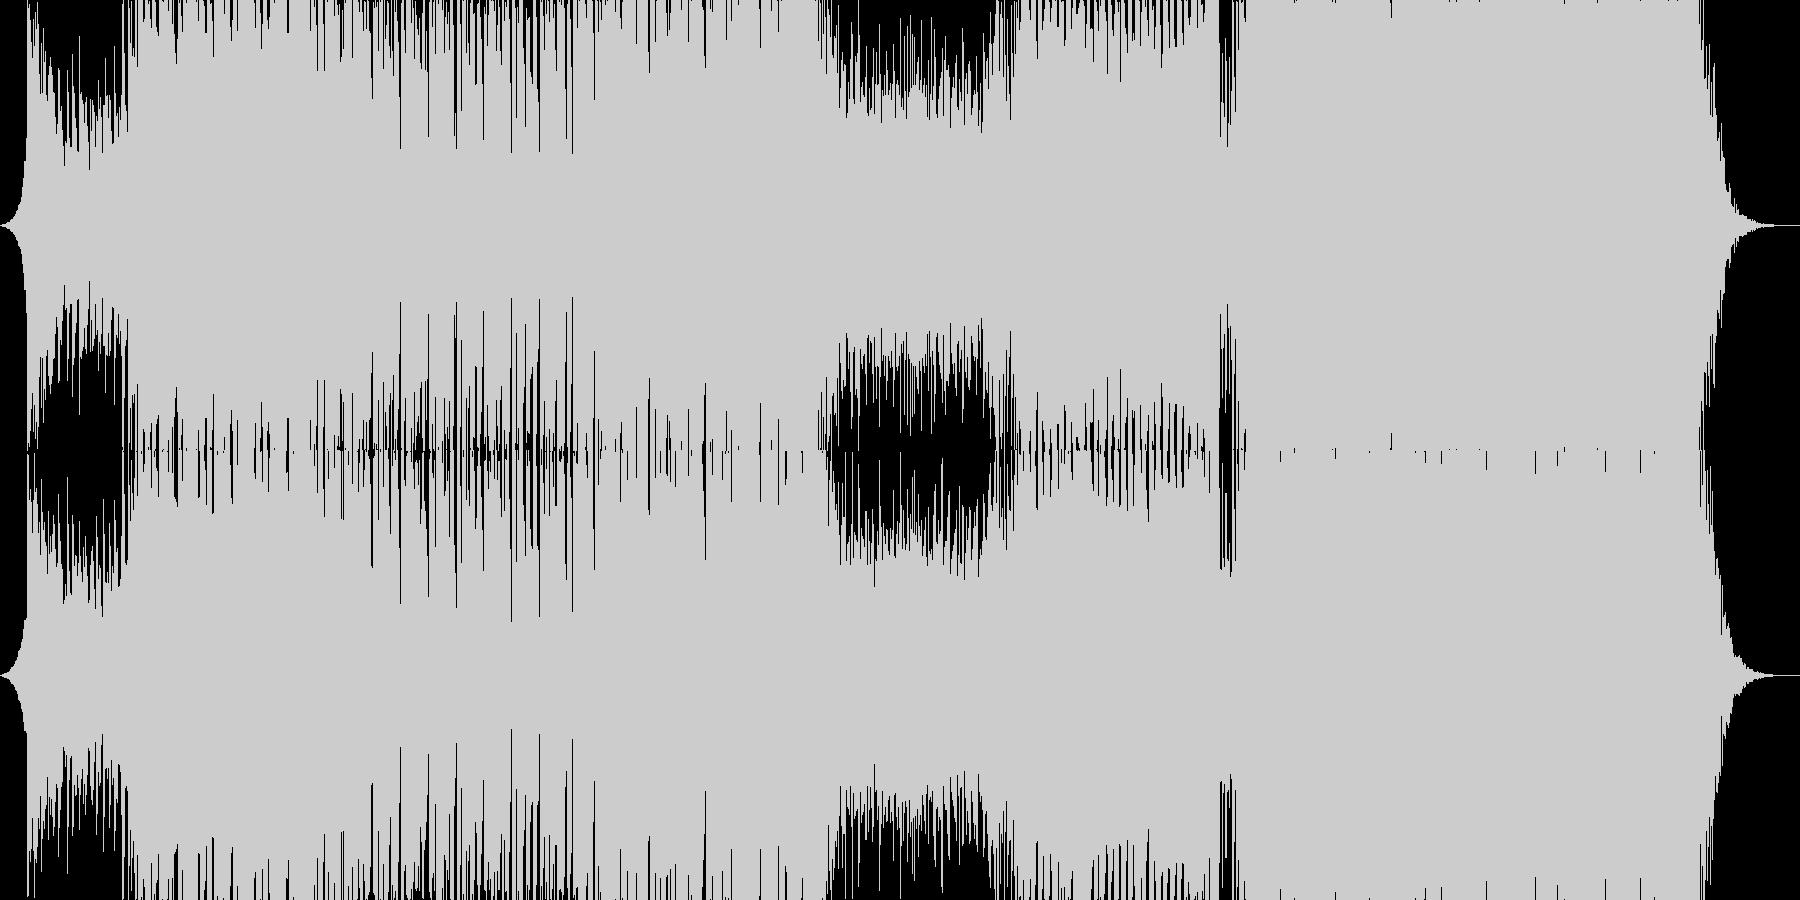 アガる王道EDM/House/Pianoの未再生の波形